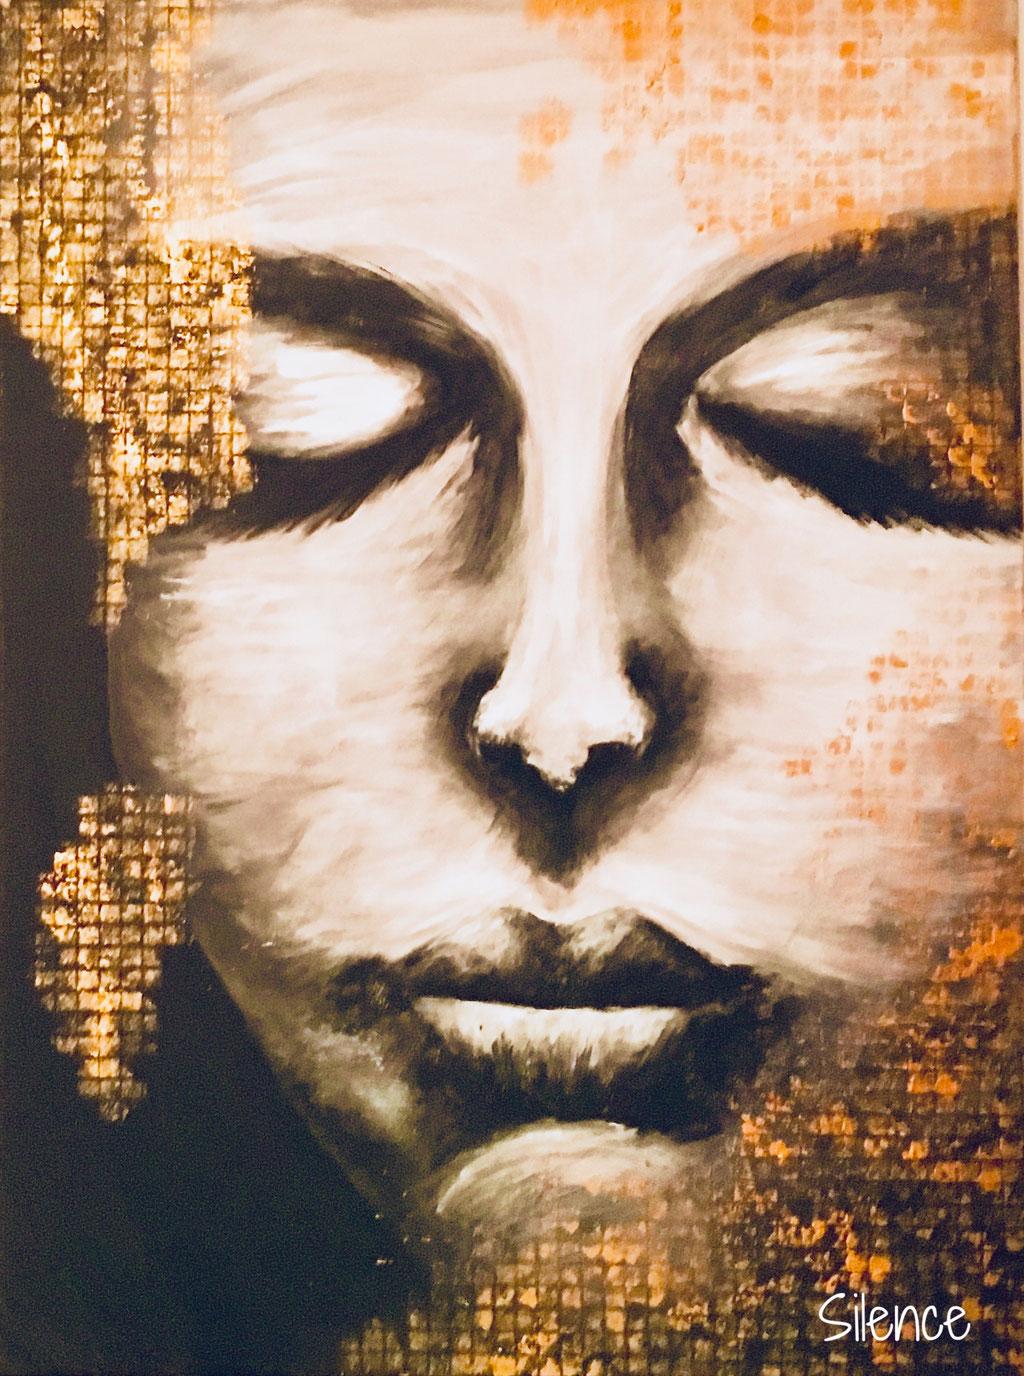 Silence / 60x80 / Acryl